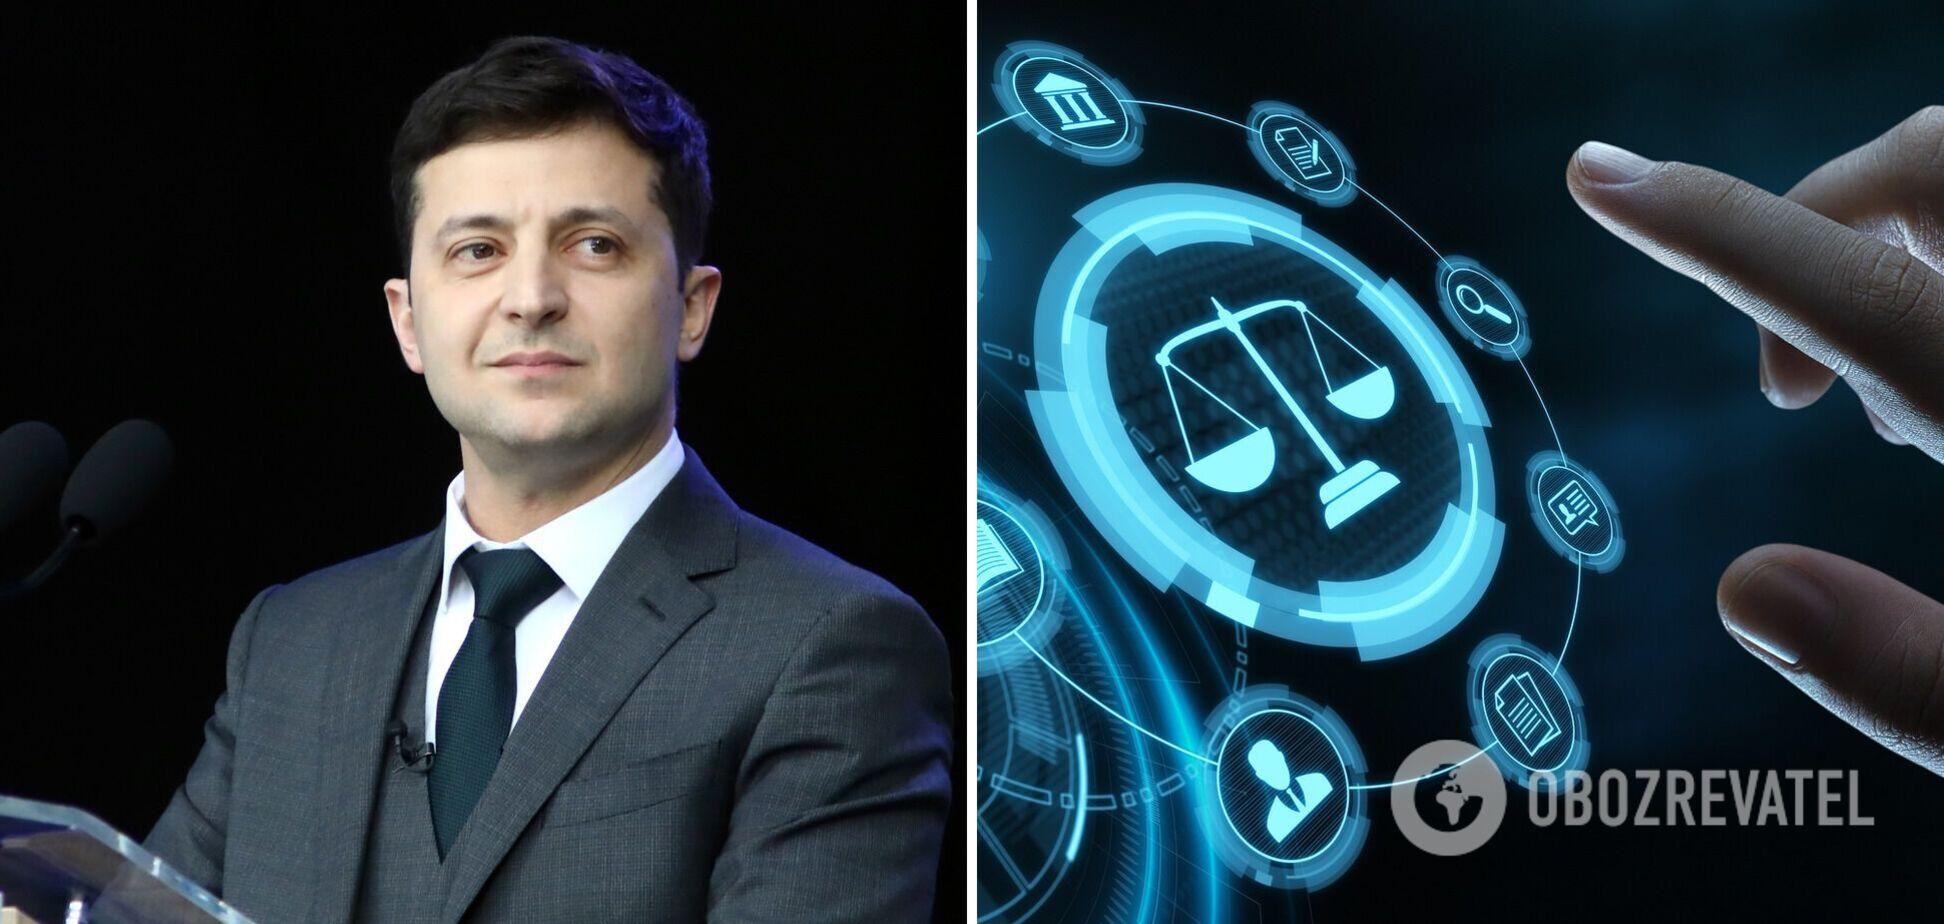 Зеленський запропонував Раді ввести електронний документообіг у кримінальному процесі